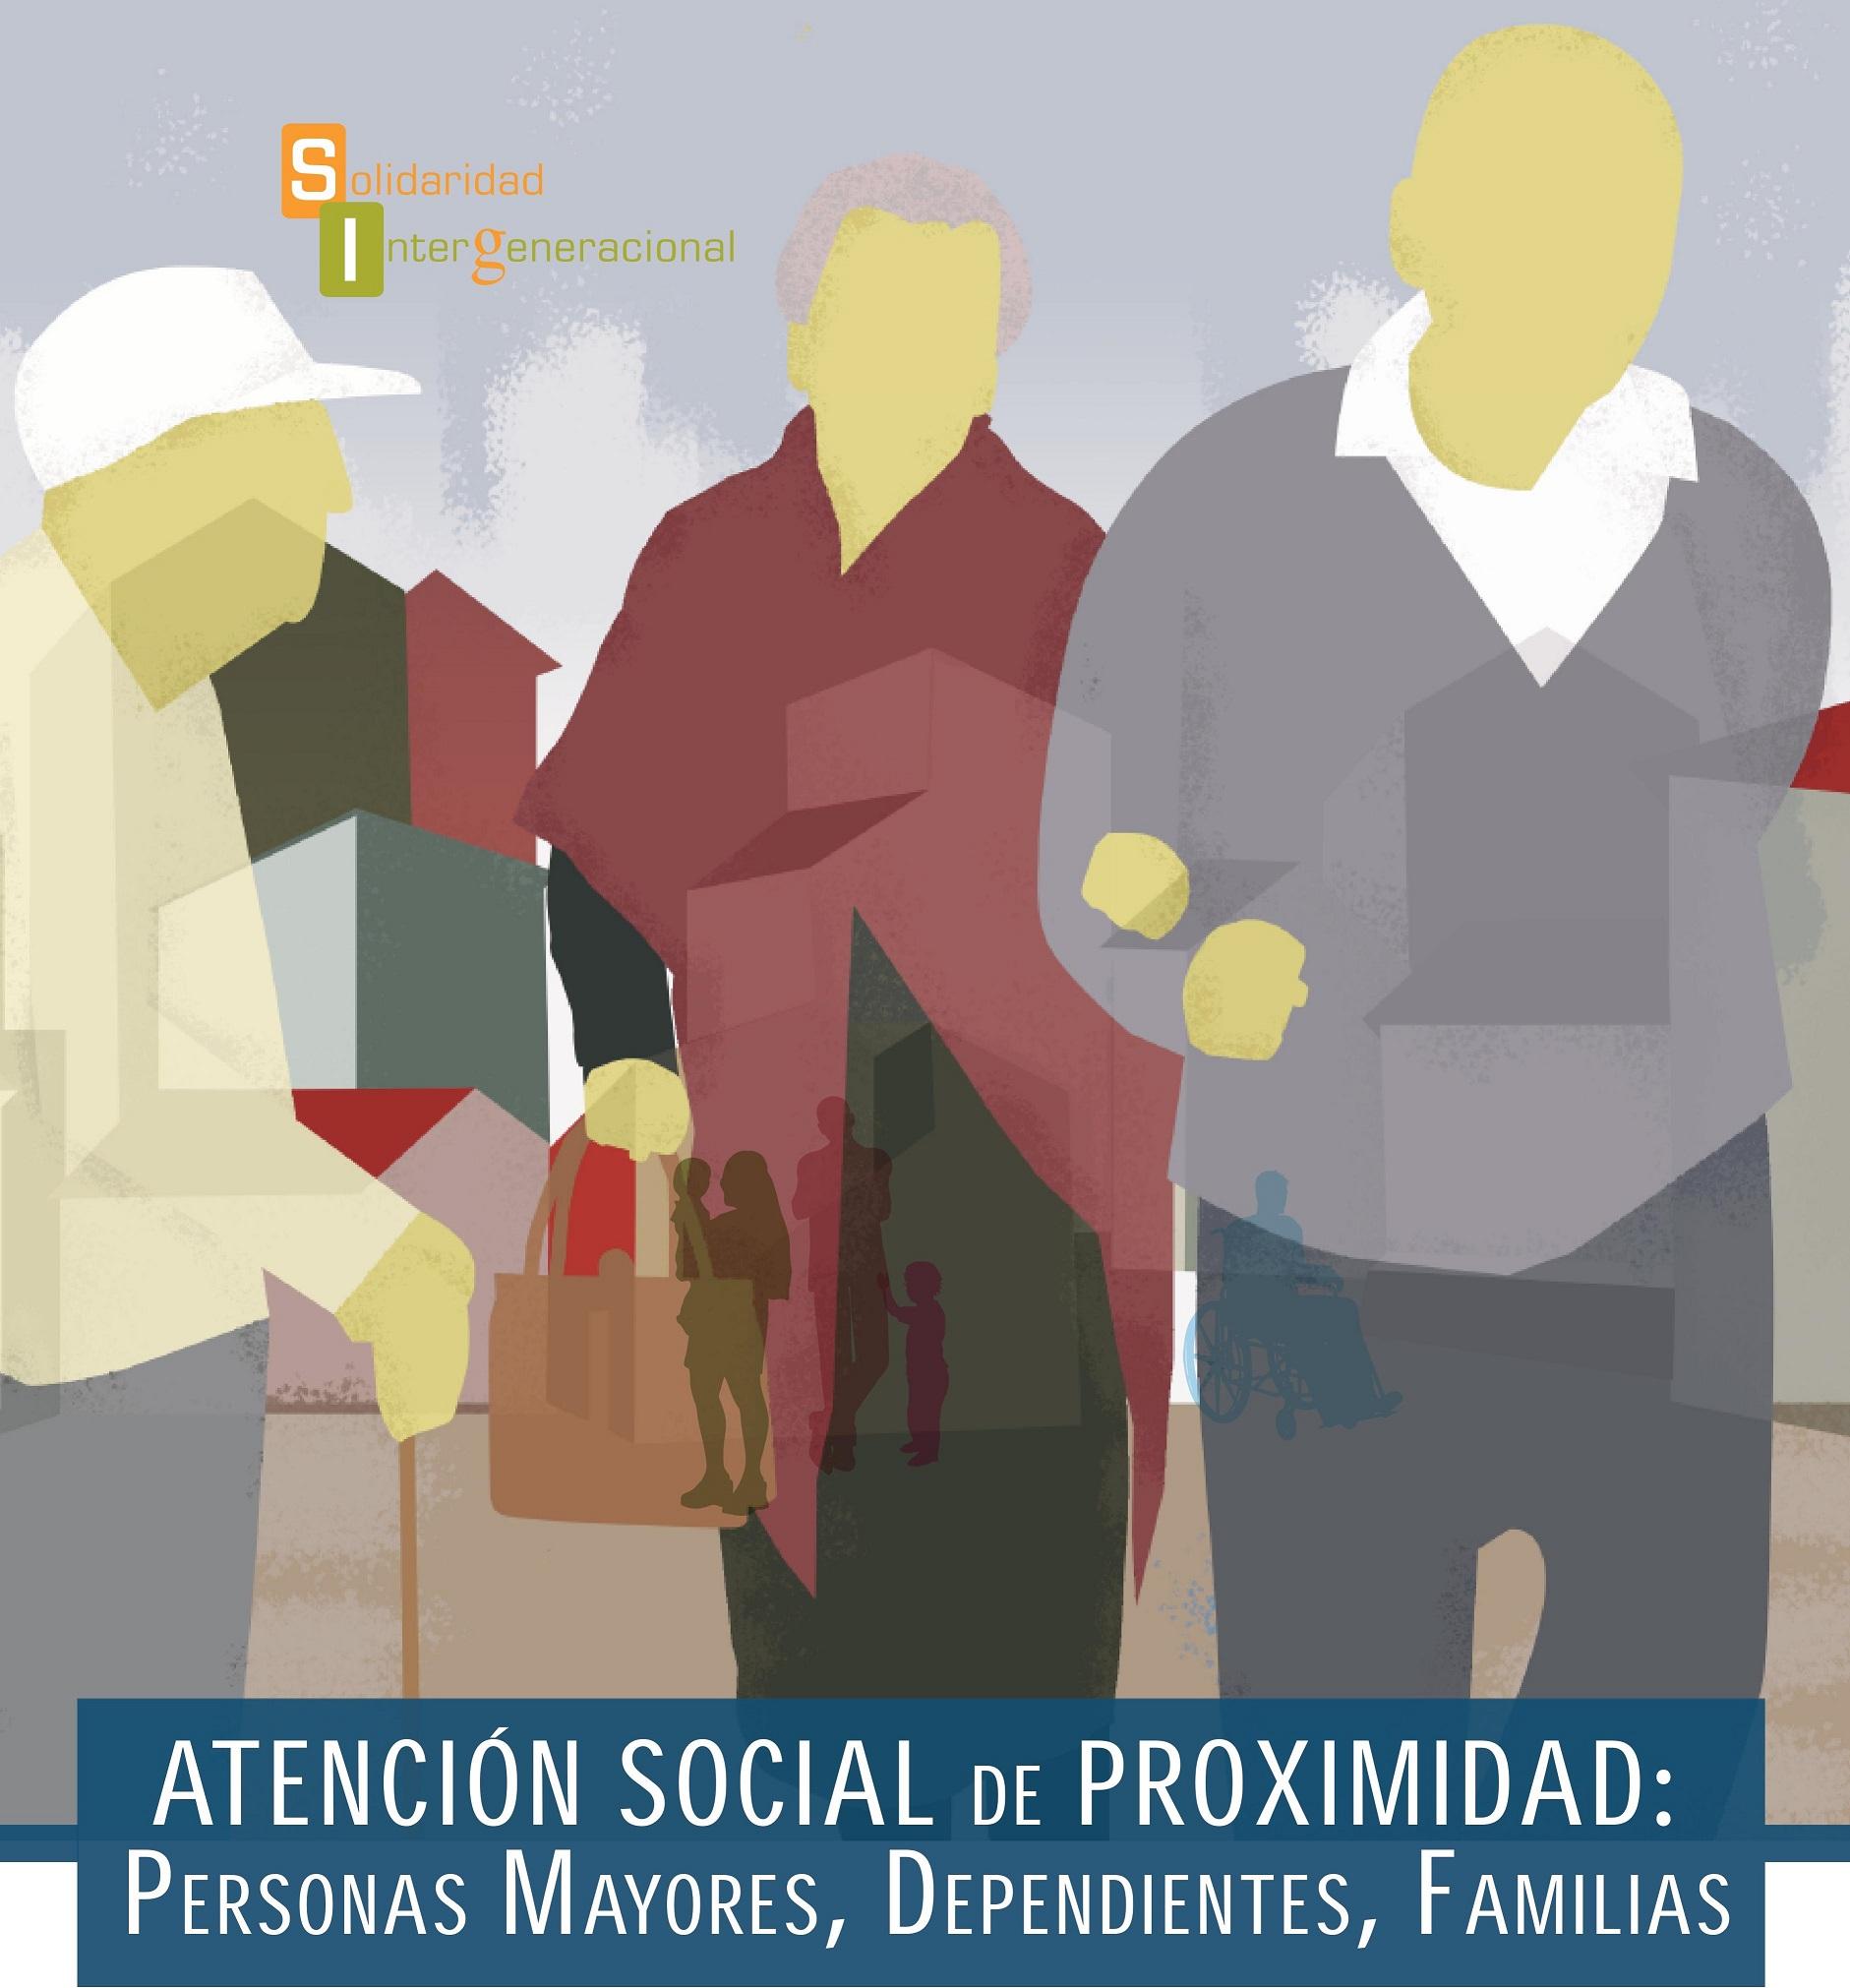 Programa de servicios de atención social de proximidad para personas mayores, dependientes y sus familias en el medio rural de Madrid